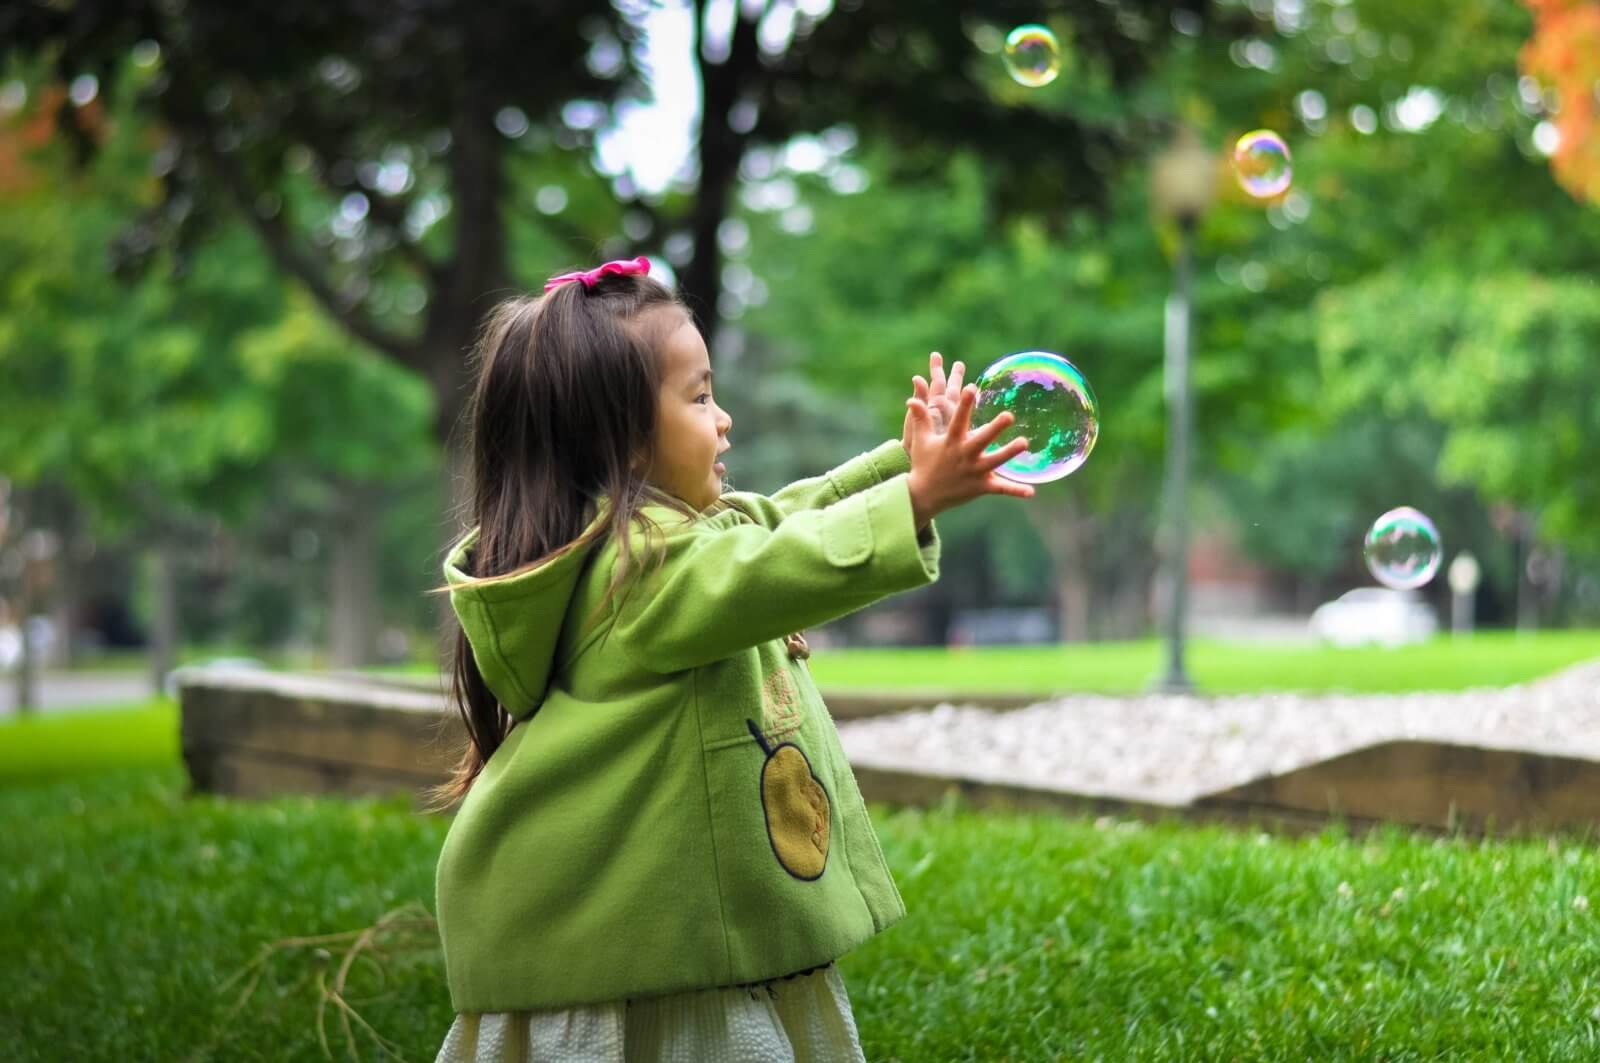 Preschool Outdoor Play Equipment